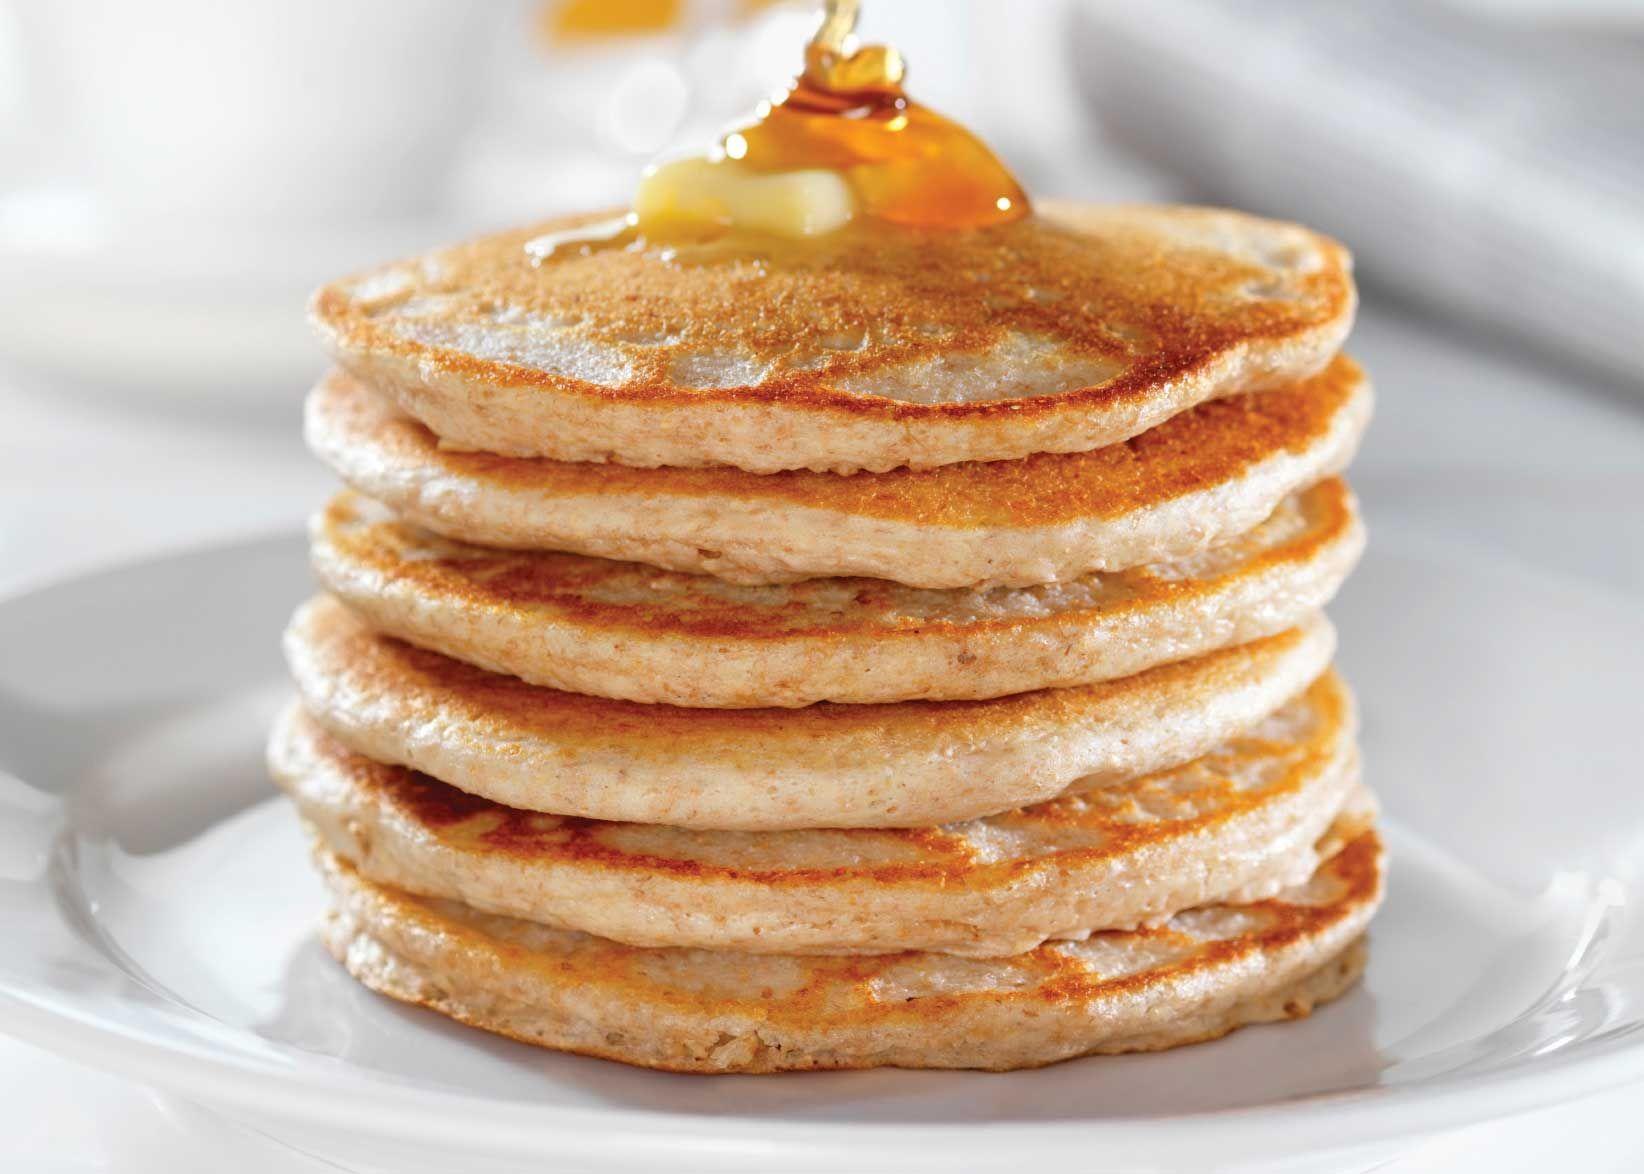 Ecco la ricetta base da utilizzare per preparare i vostri pancake light! Più leggeri della ricetta tradizionale vi regaleranno una coccola mattutina!